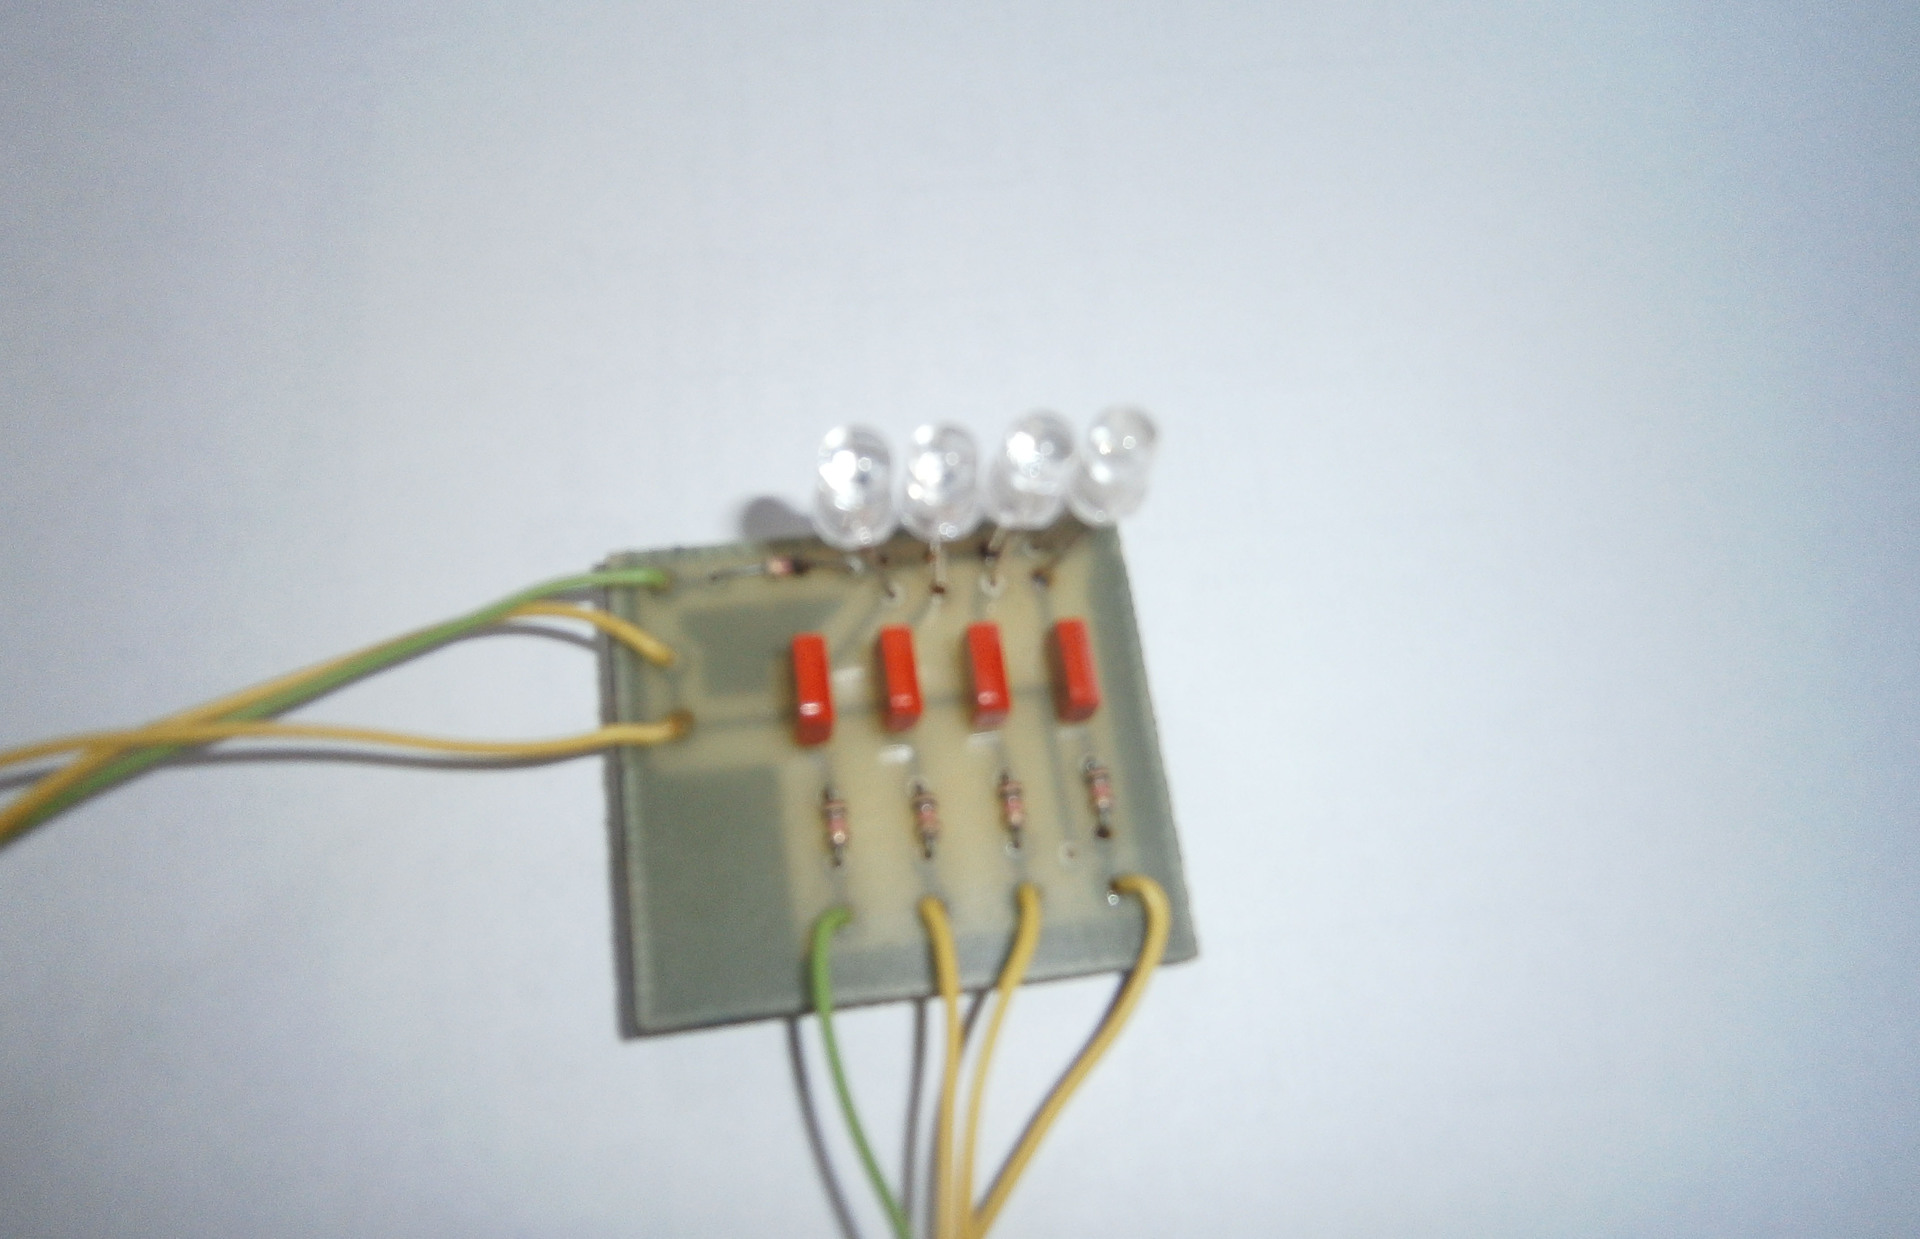 схема индикатора входного сигнала на светодиодах